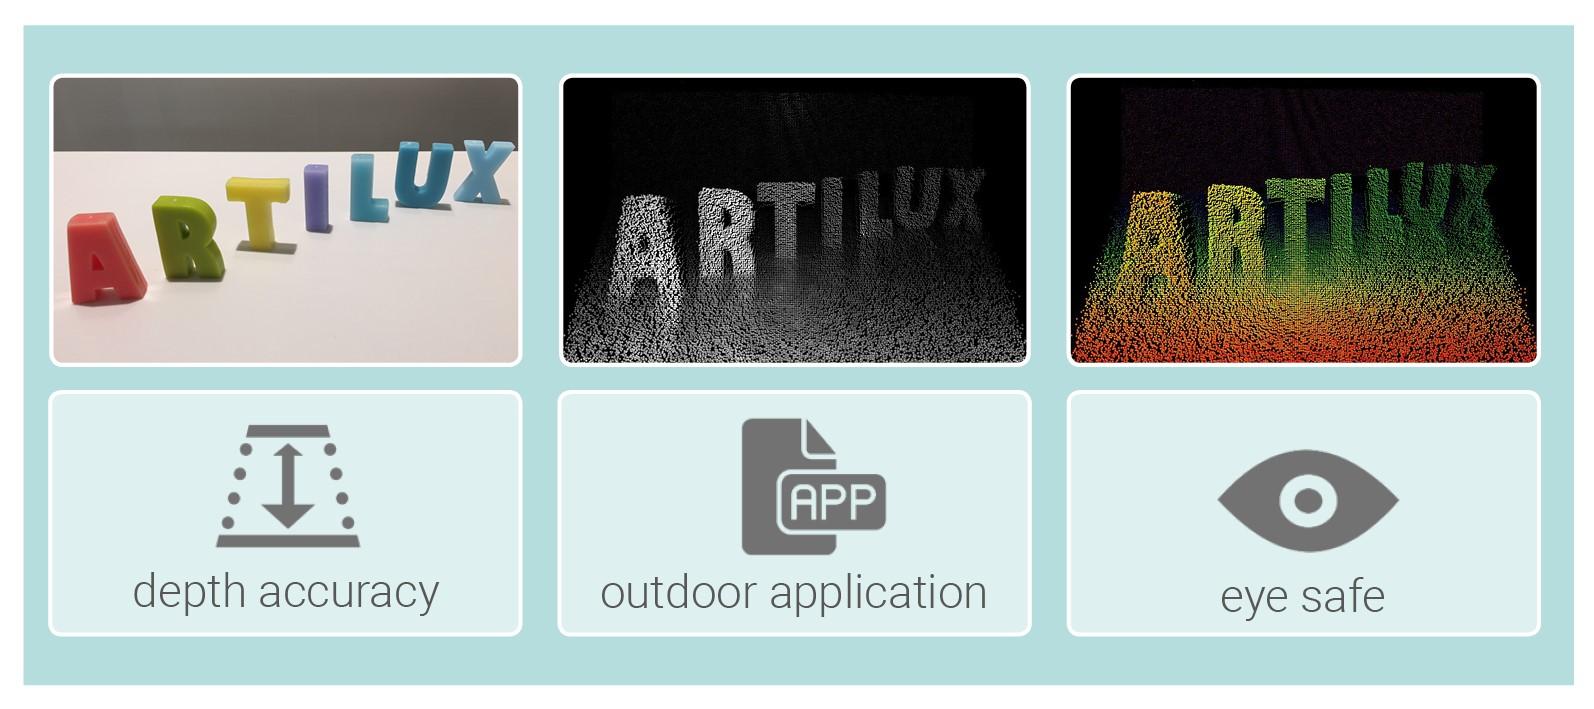 Artilux全新GeSi 3D传感技术量产在即 可望大幅增强人眼安全保障